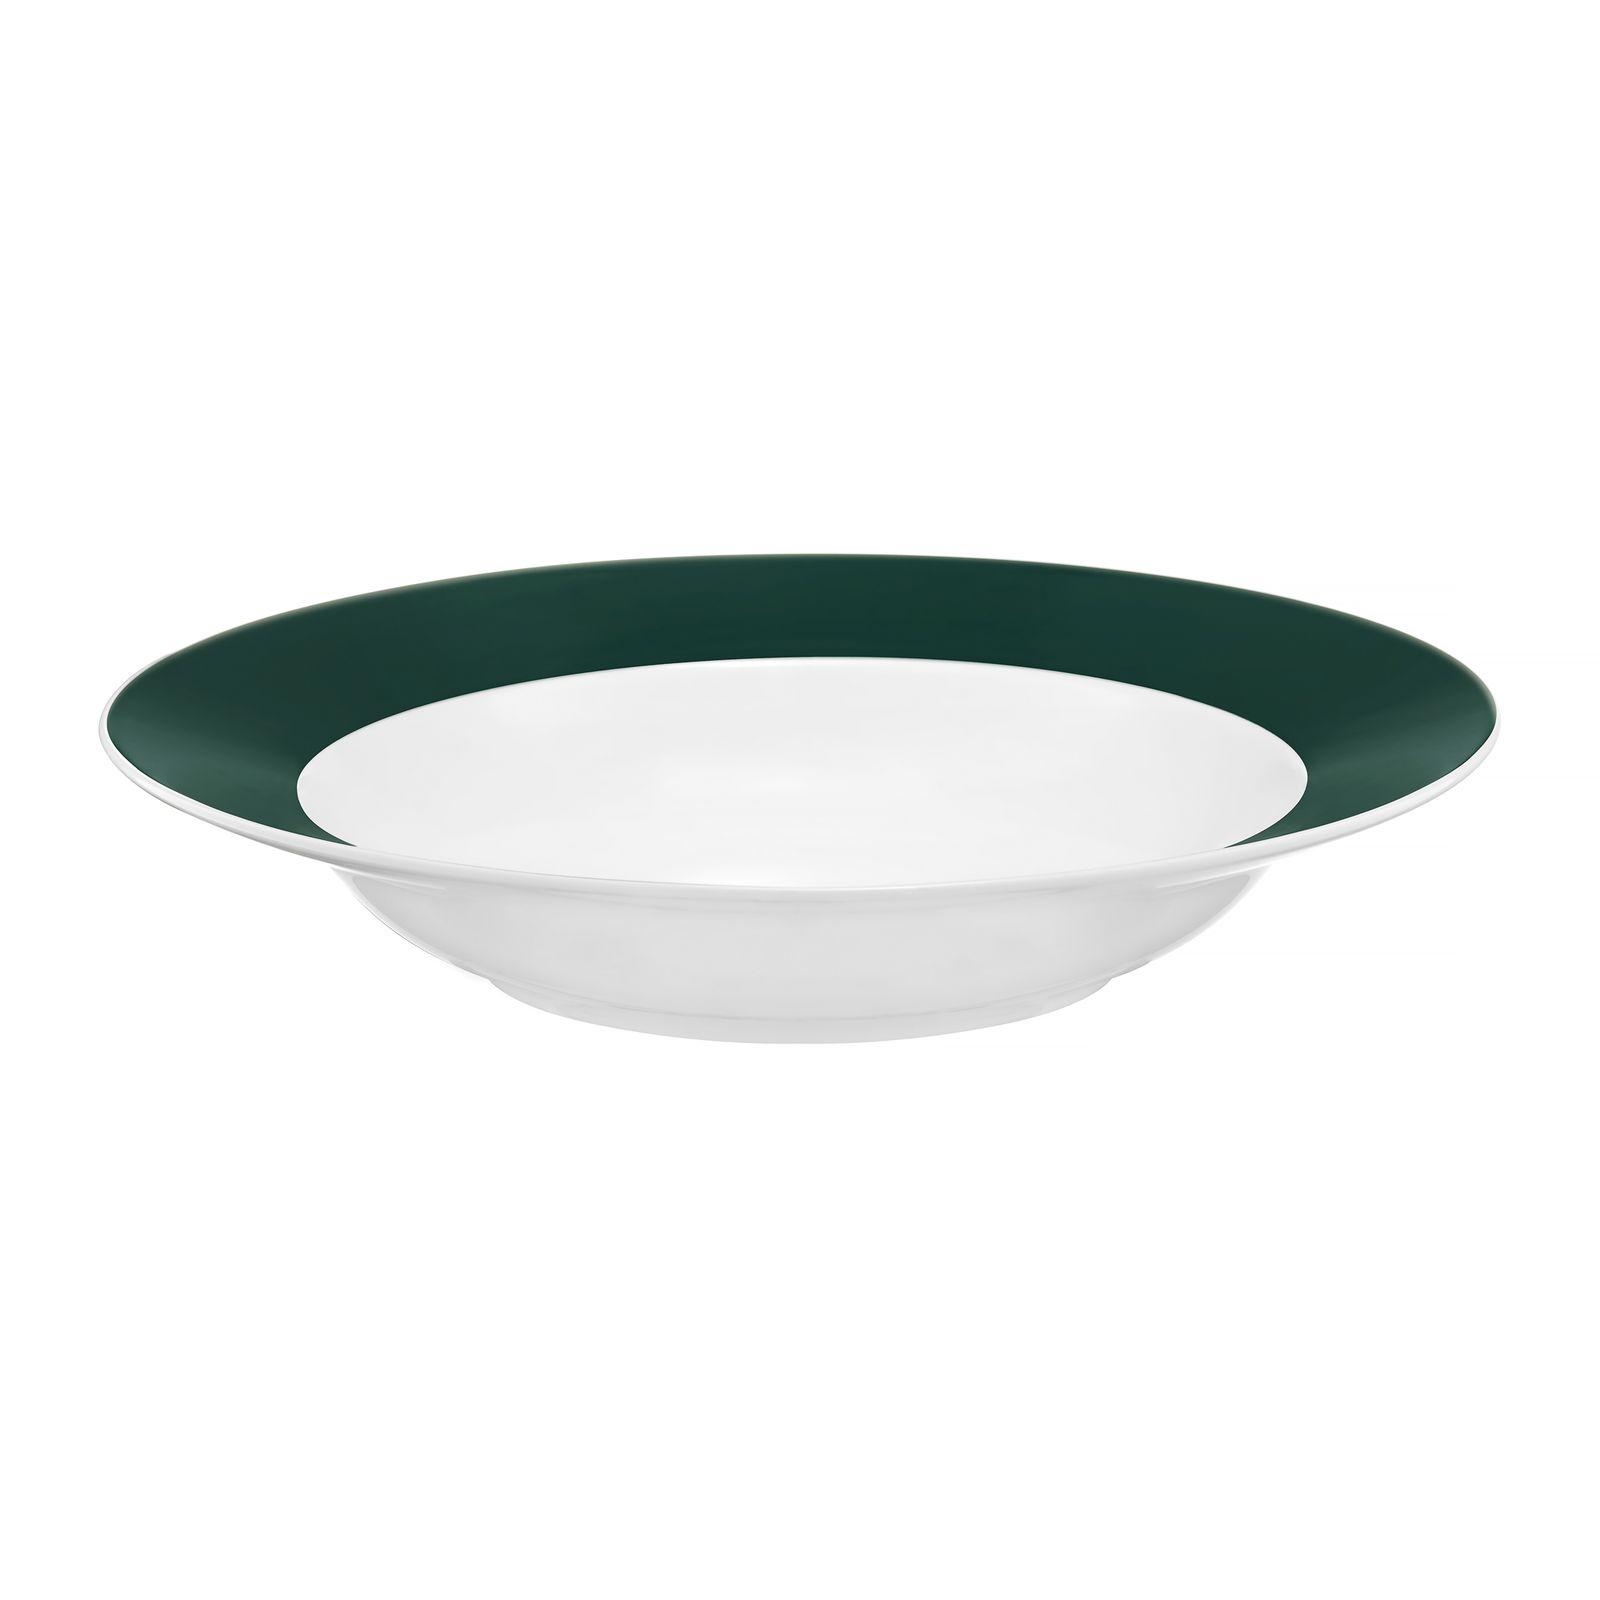 Assiette creuse Aura Green 23 cm AMBITION